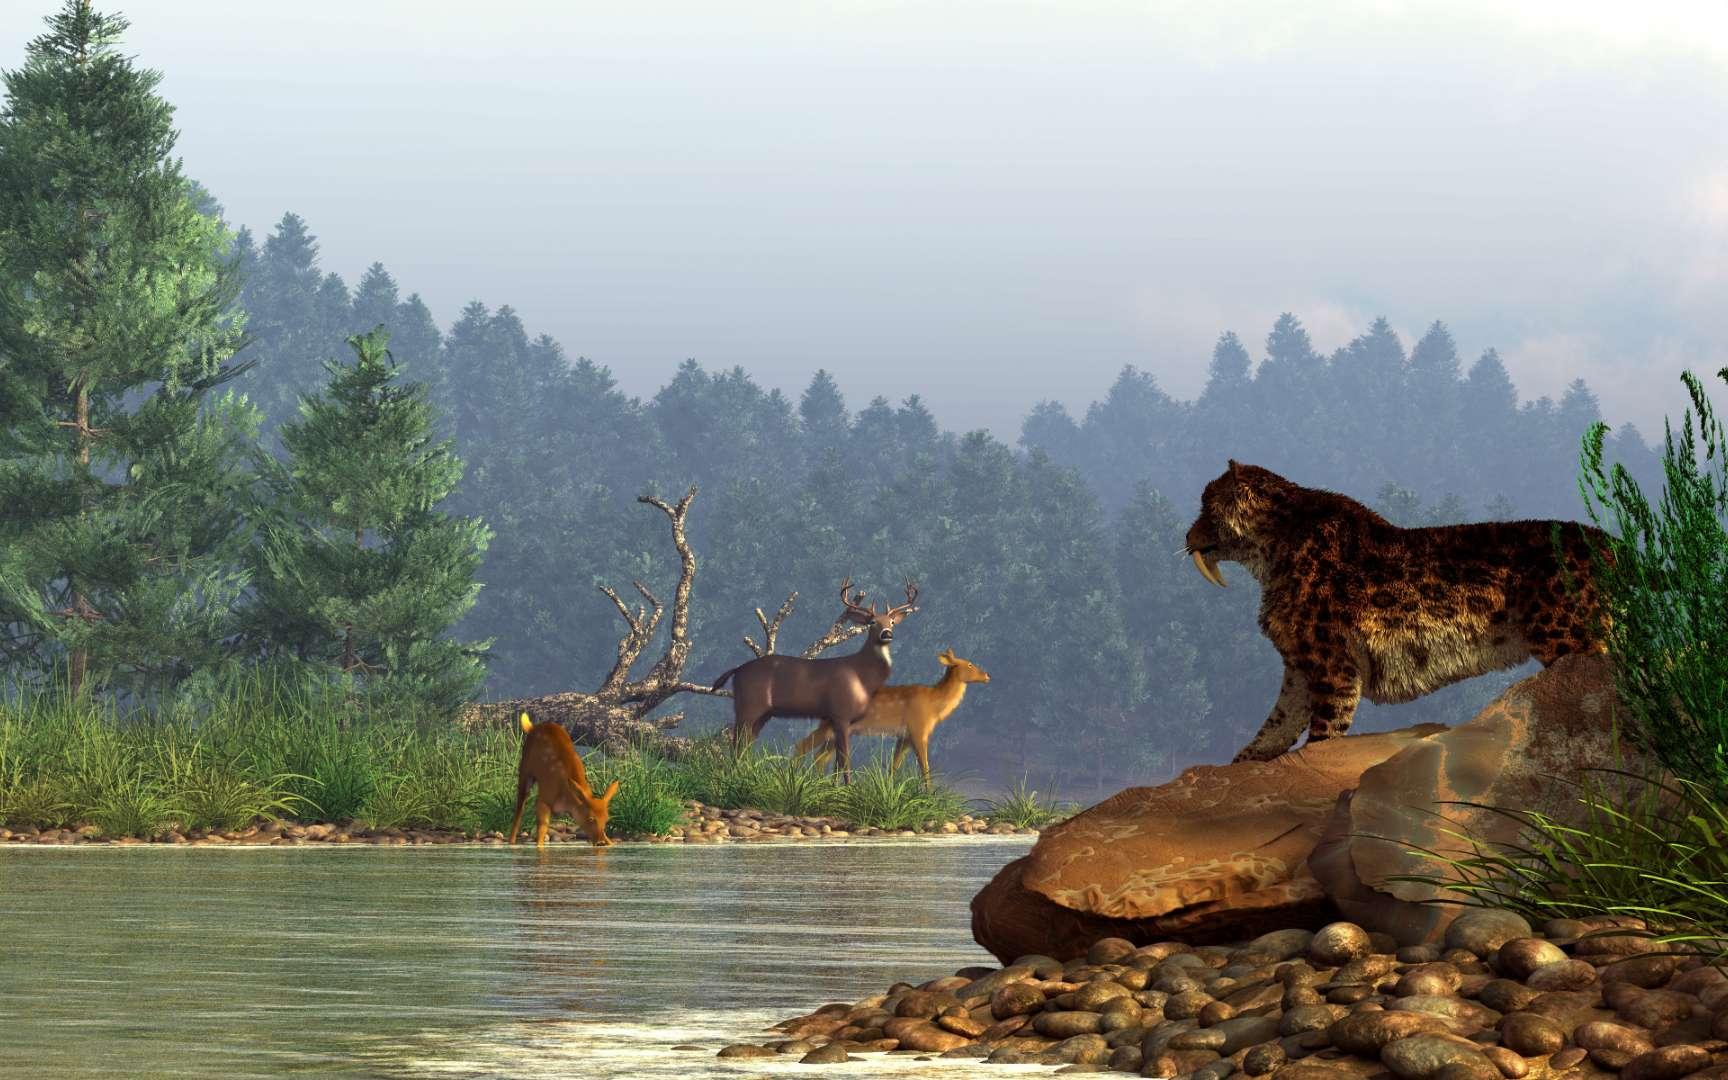 Illustration d'une scène du Pléistocène. Un tigre à dents de sabre regarde des cerfs au bord d'une rivière. © Daniel, Adobe Stock